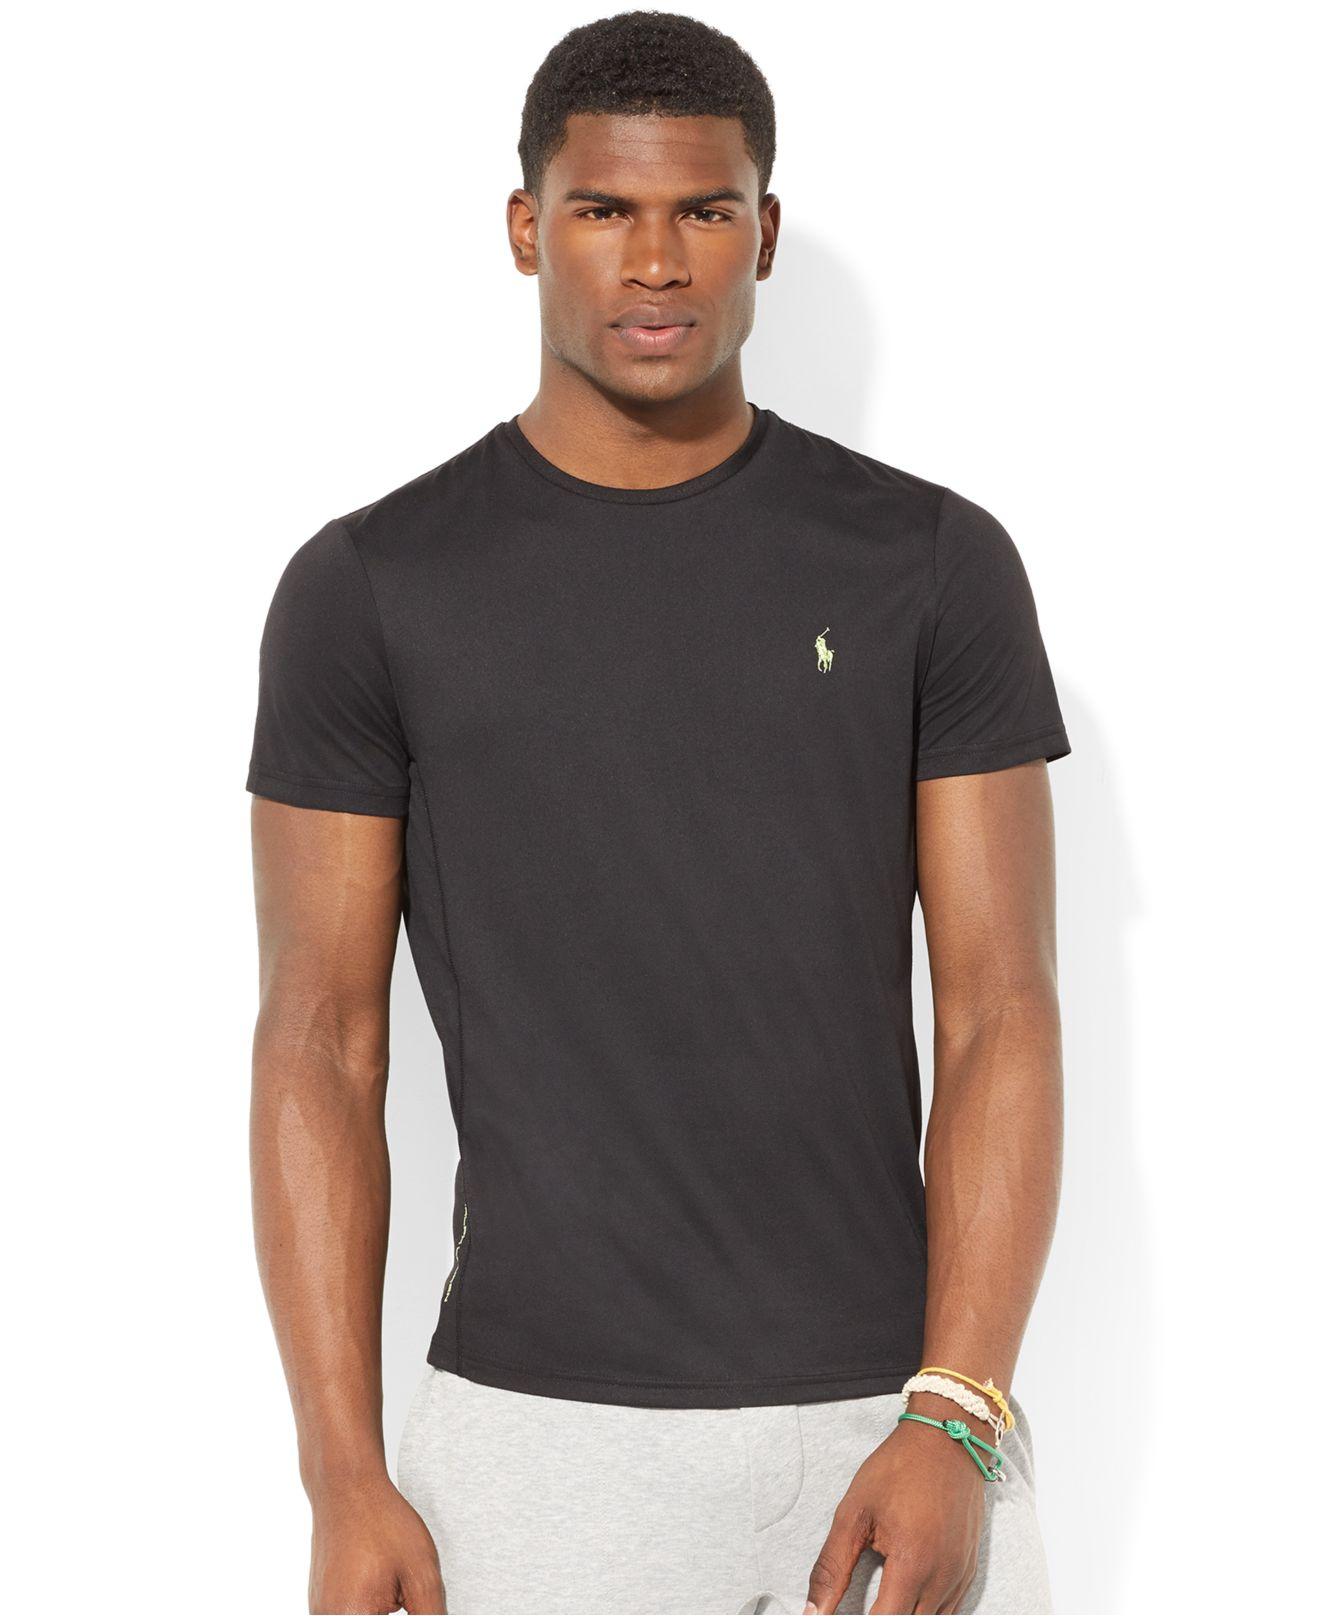 5d21c Usa Jersey Lauren Shirt T 5cdec Ralph 9YEDIeWbH2